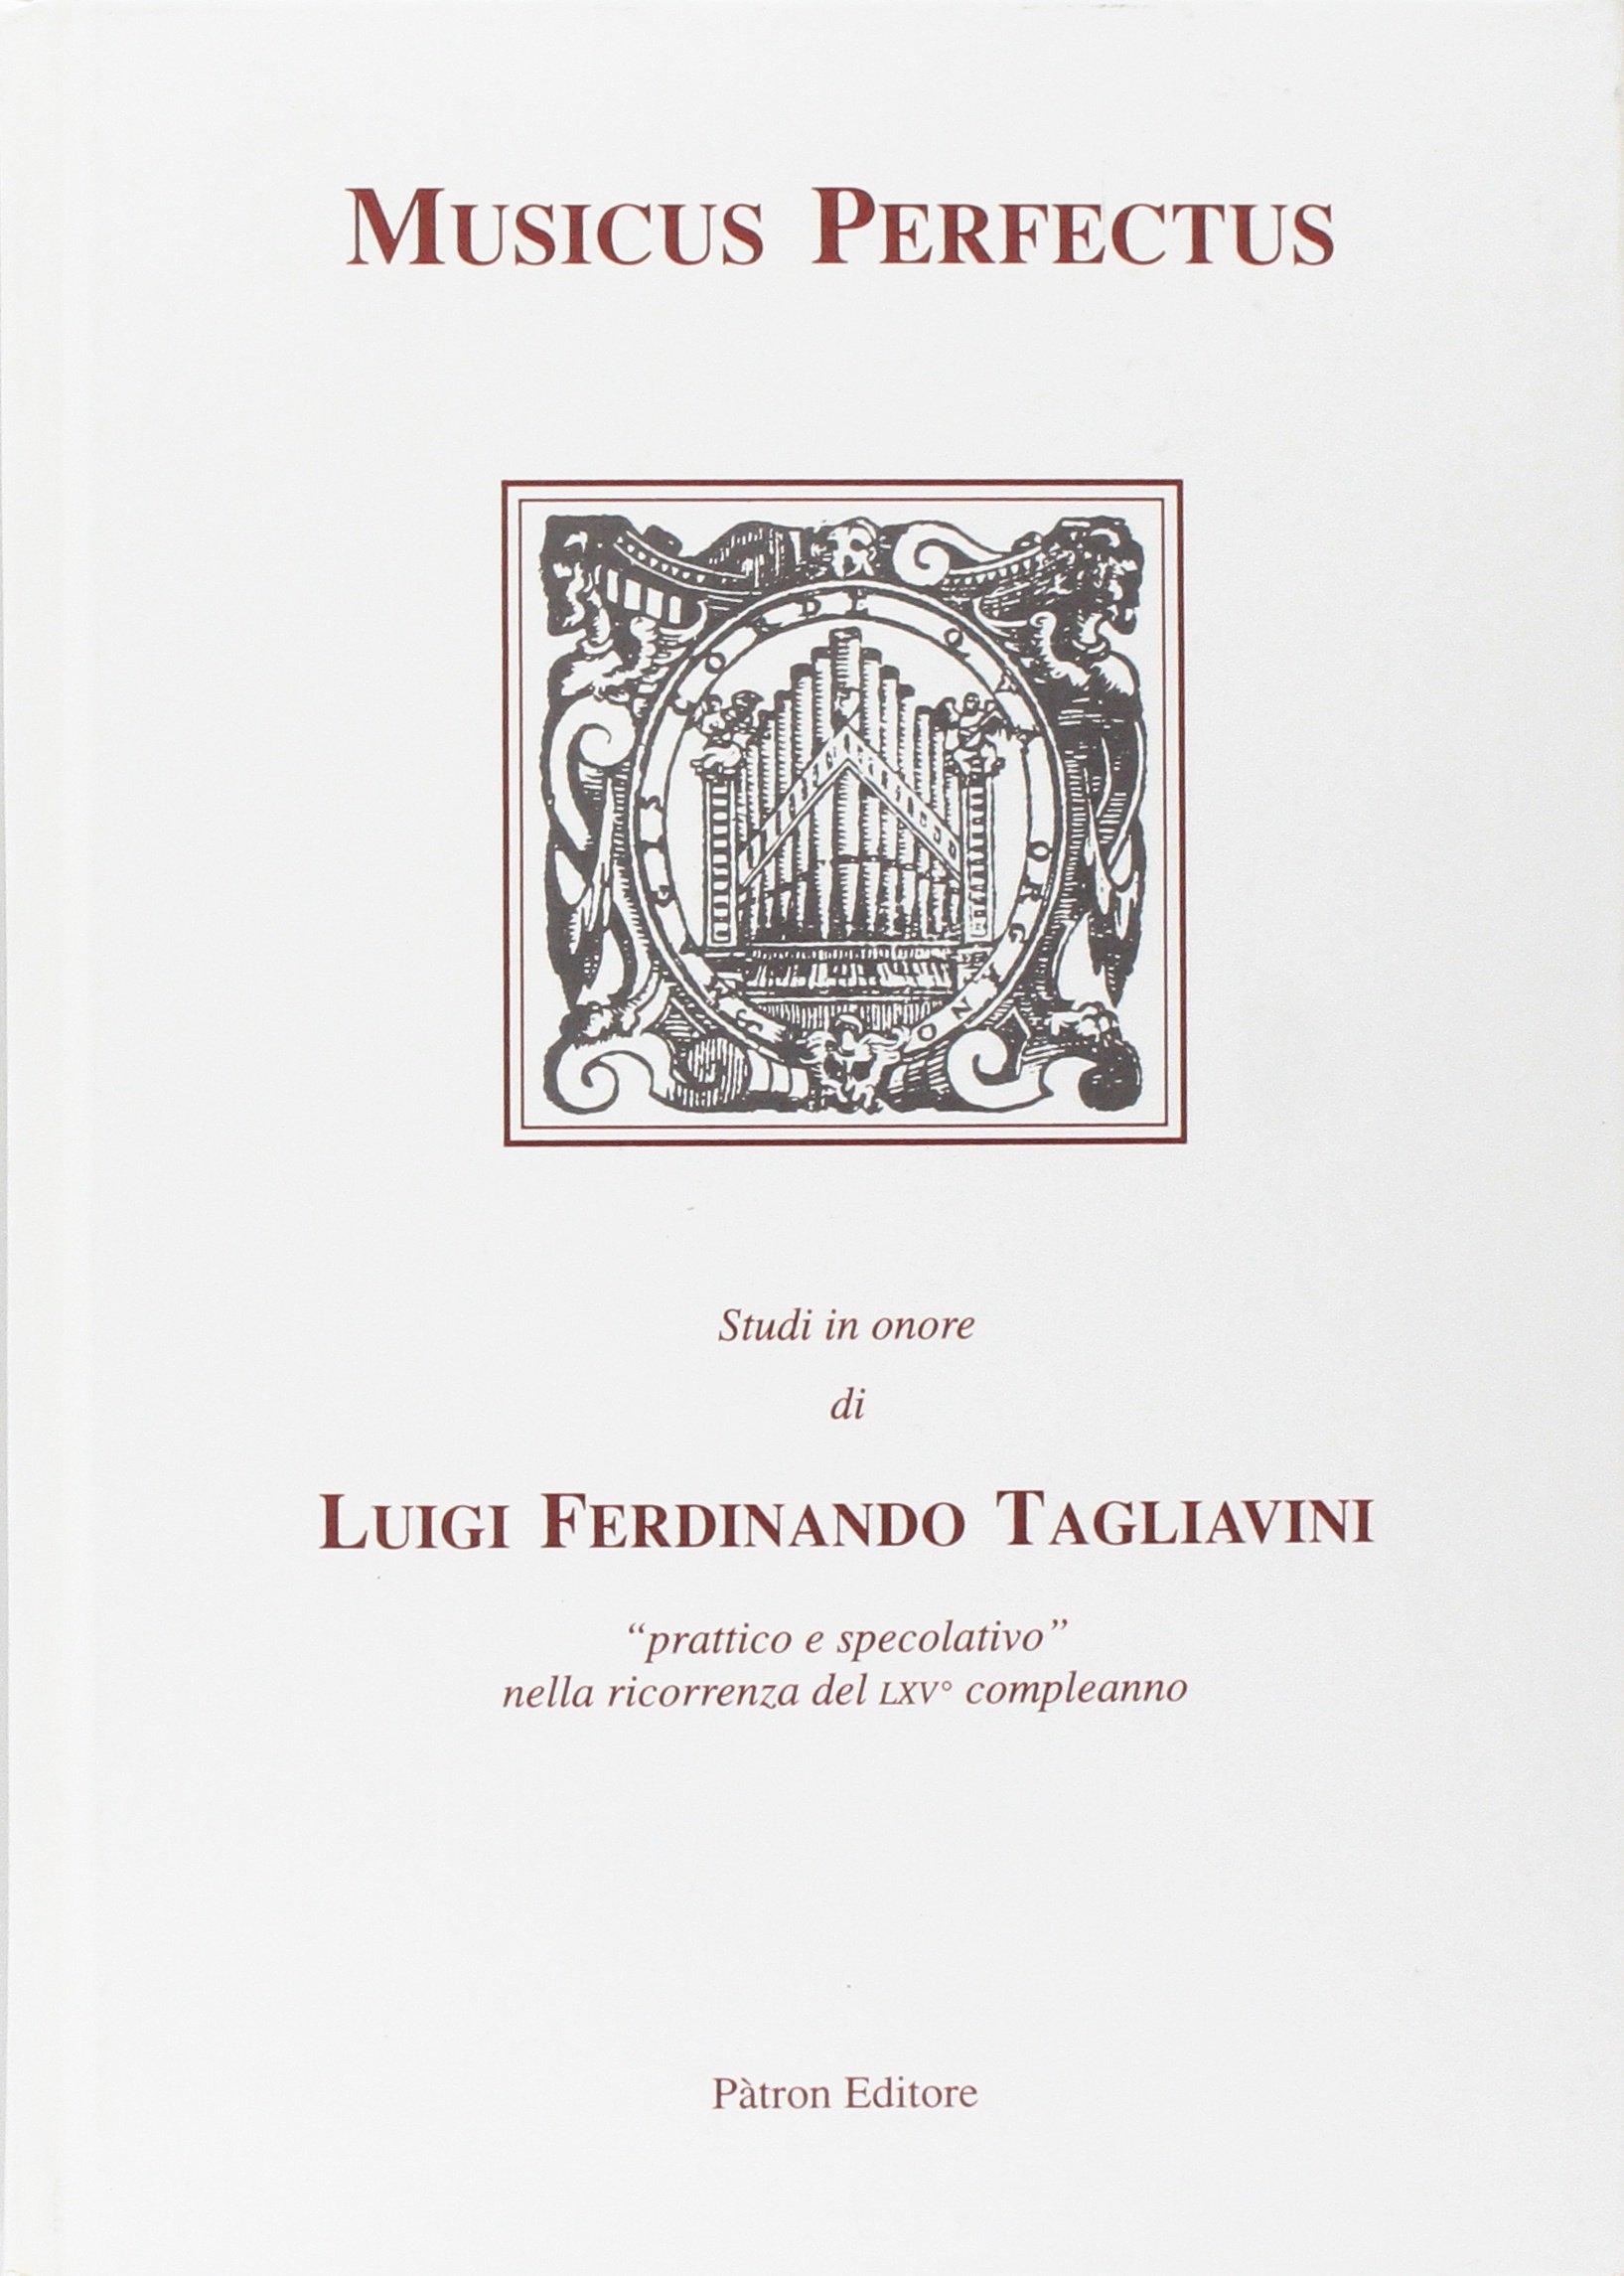 Musicus perfectus: Studi in onore di Luigi Ferdinando Tagliavini